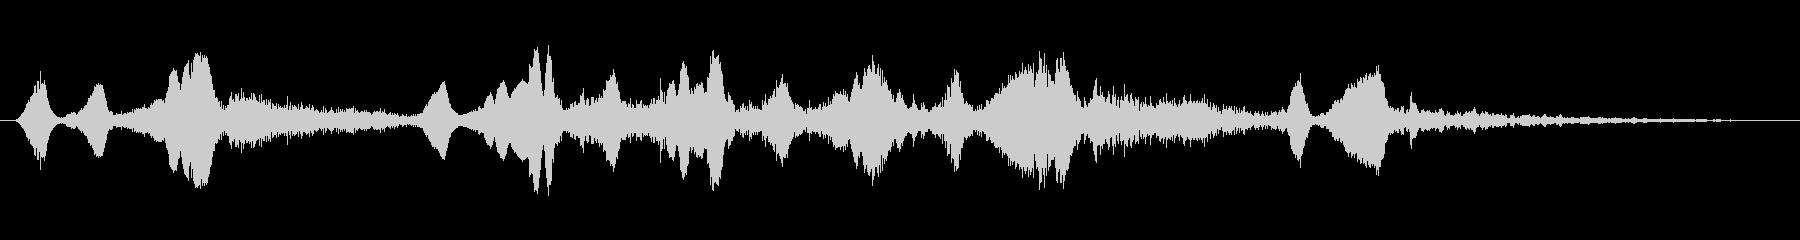 シンセ 巨大な歪みシーケンス02の未再生の波形